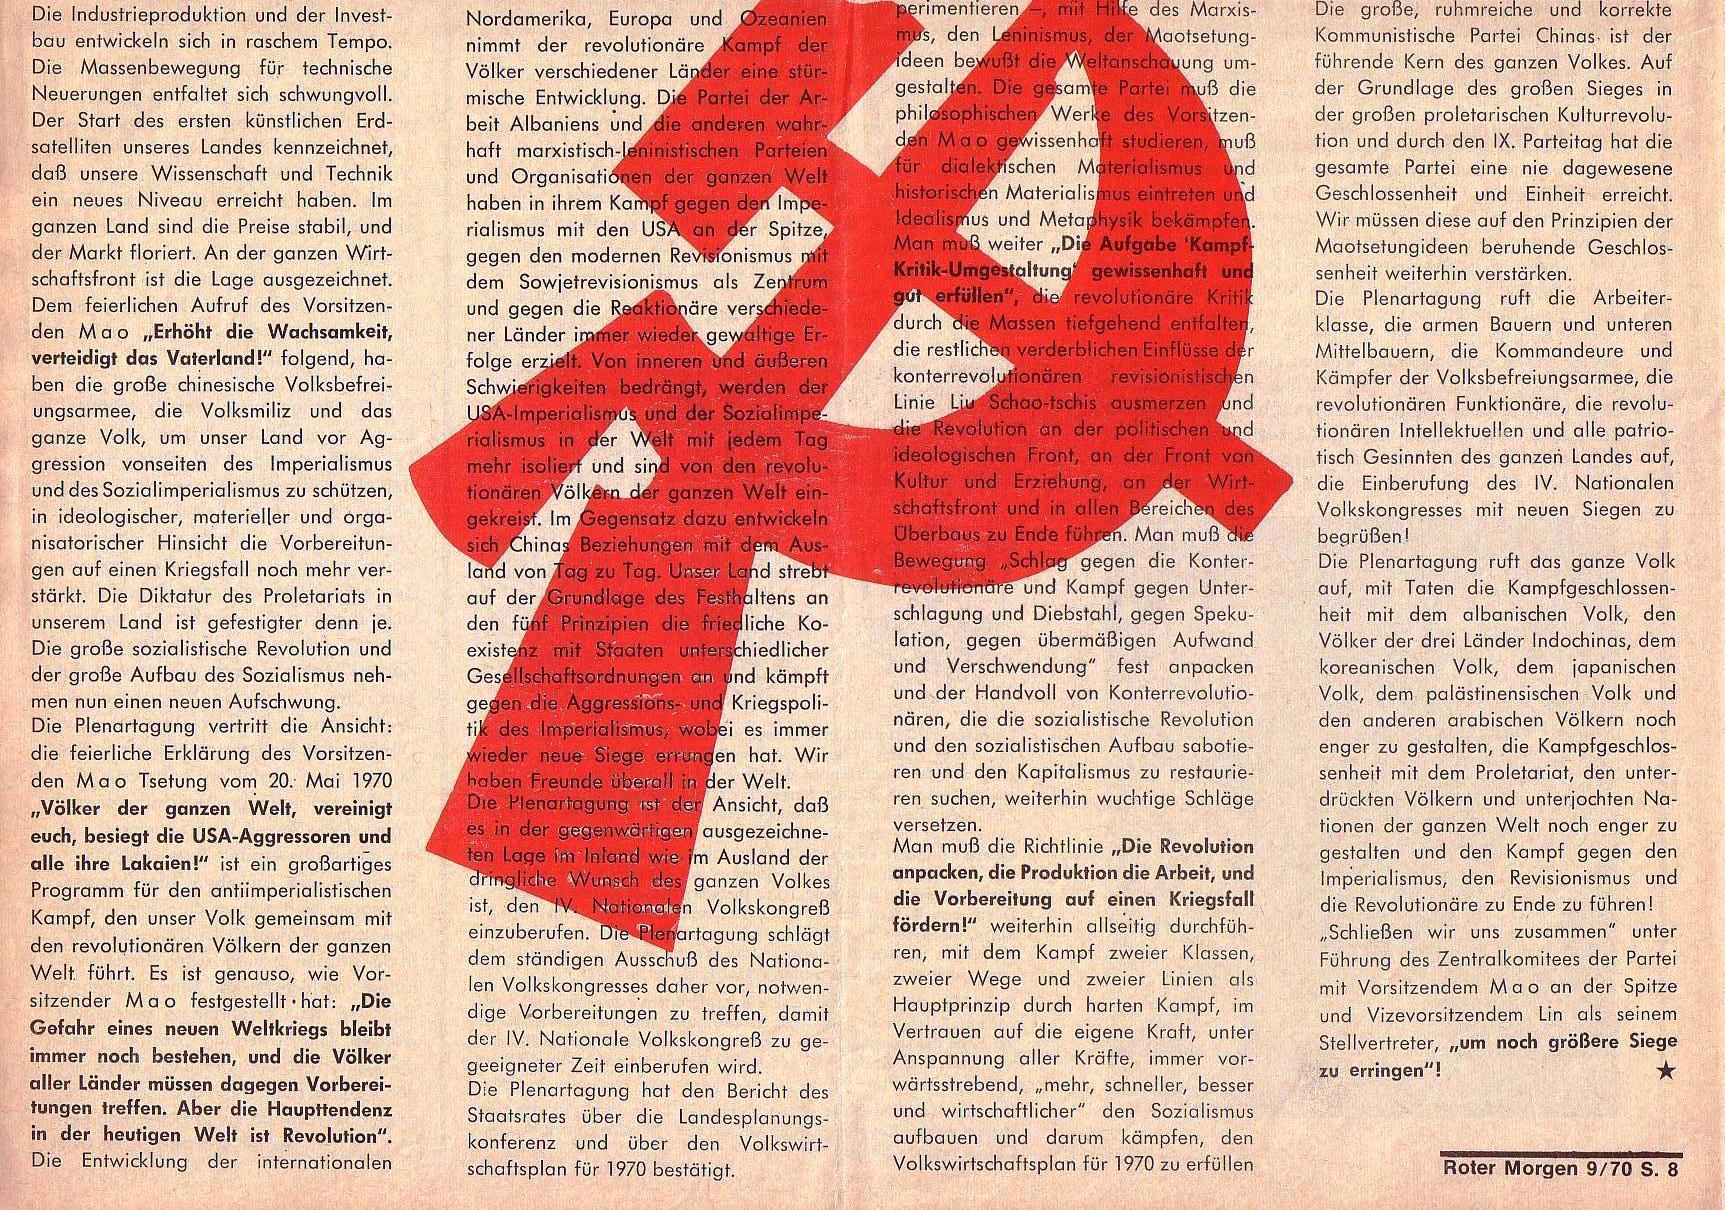 Roter Morgen, 4. Jg., Oktober 1970, Nr. 9, Seite 8b